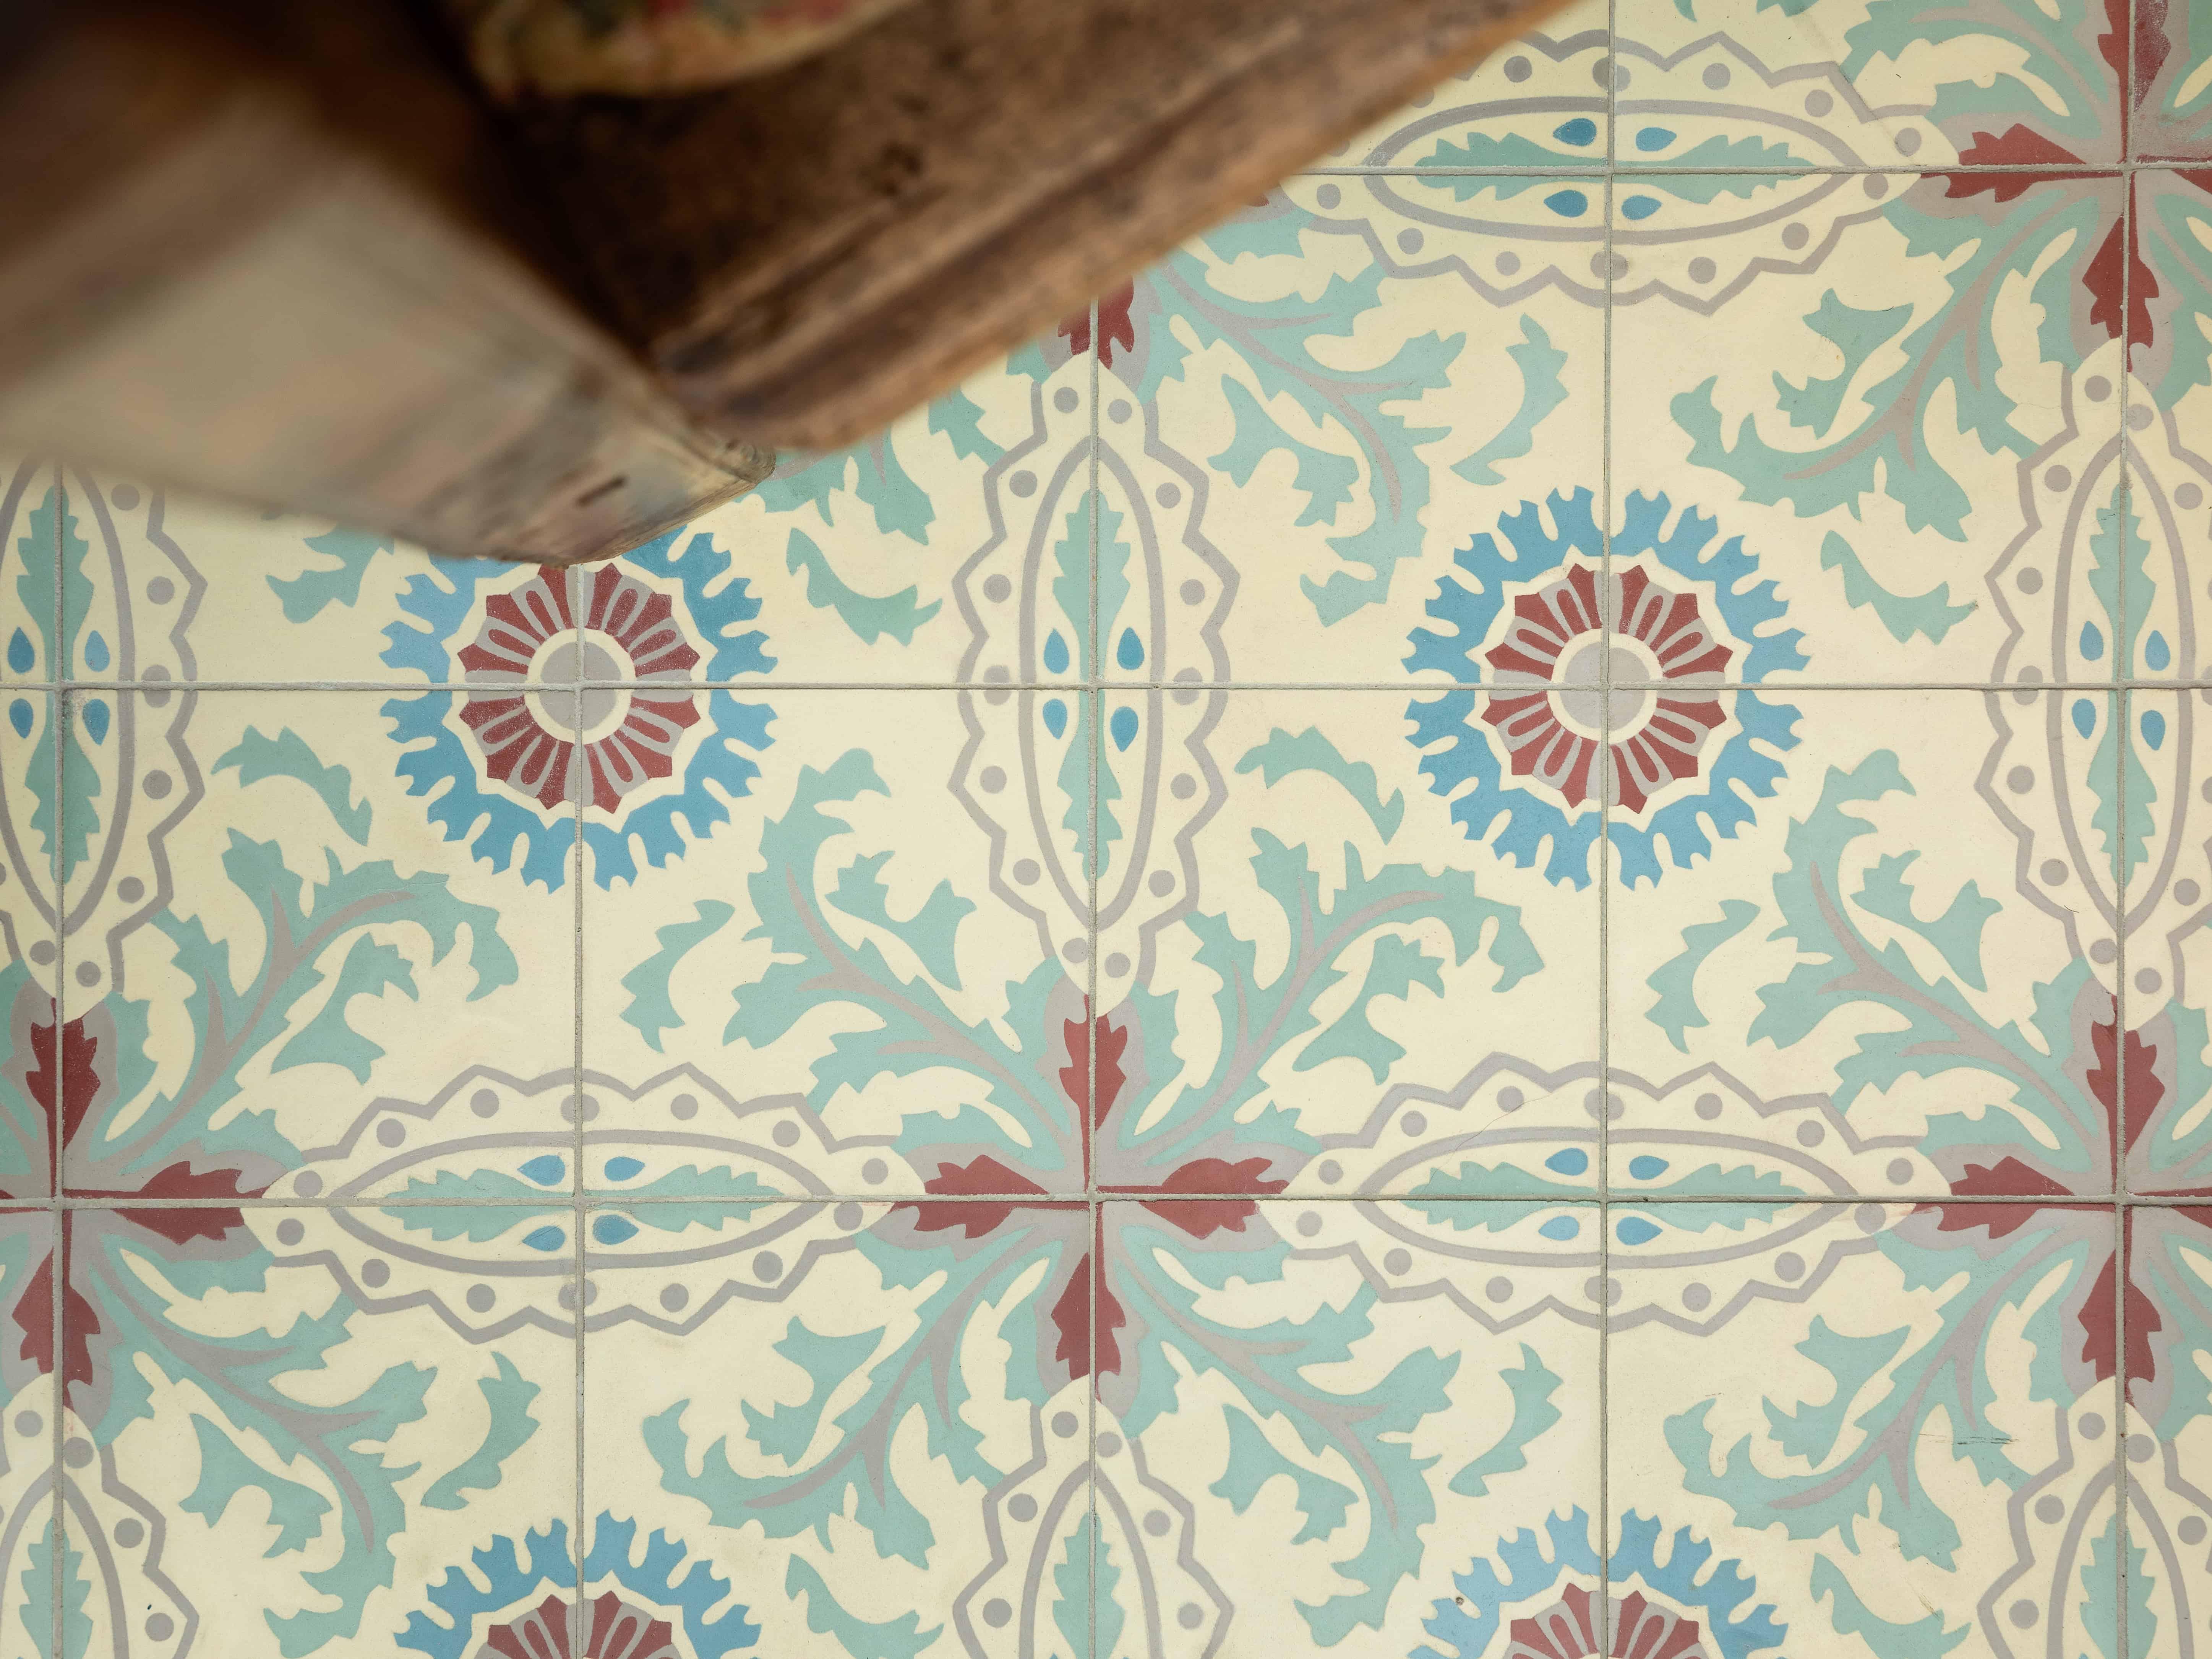 Kleine tegels met origineel retro patroon - gezellig